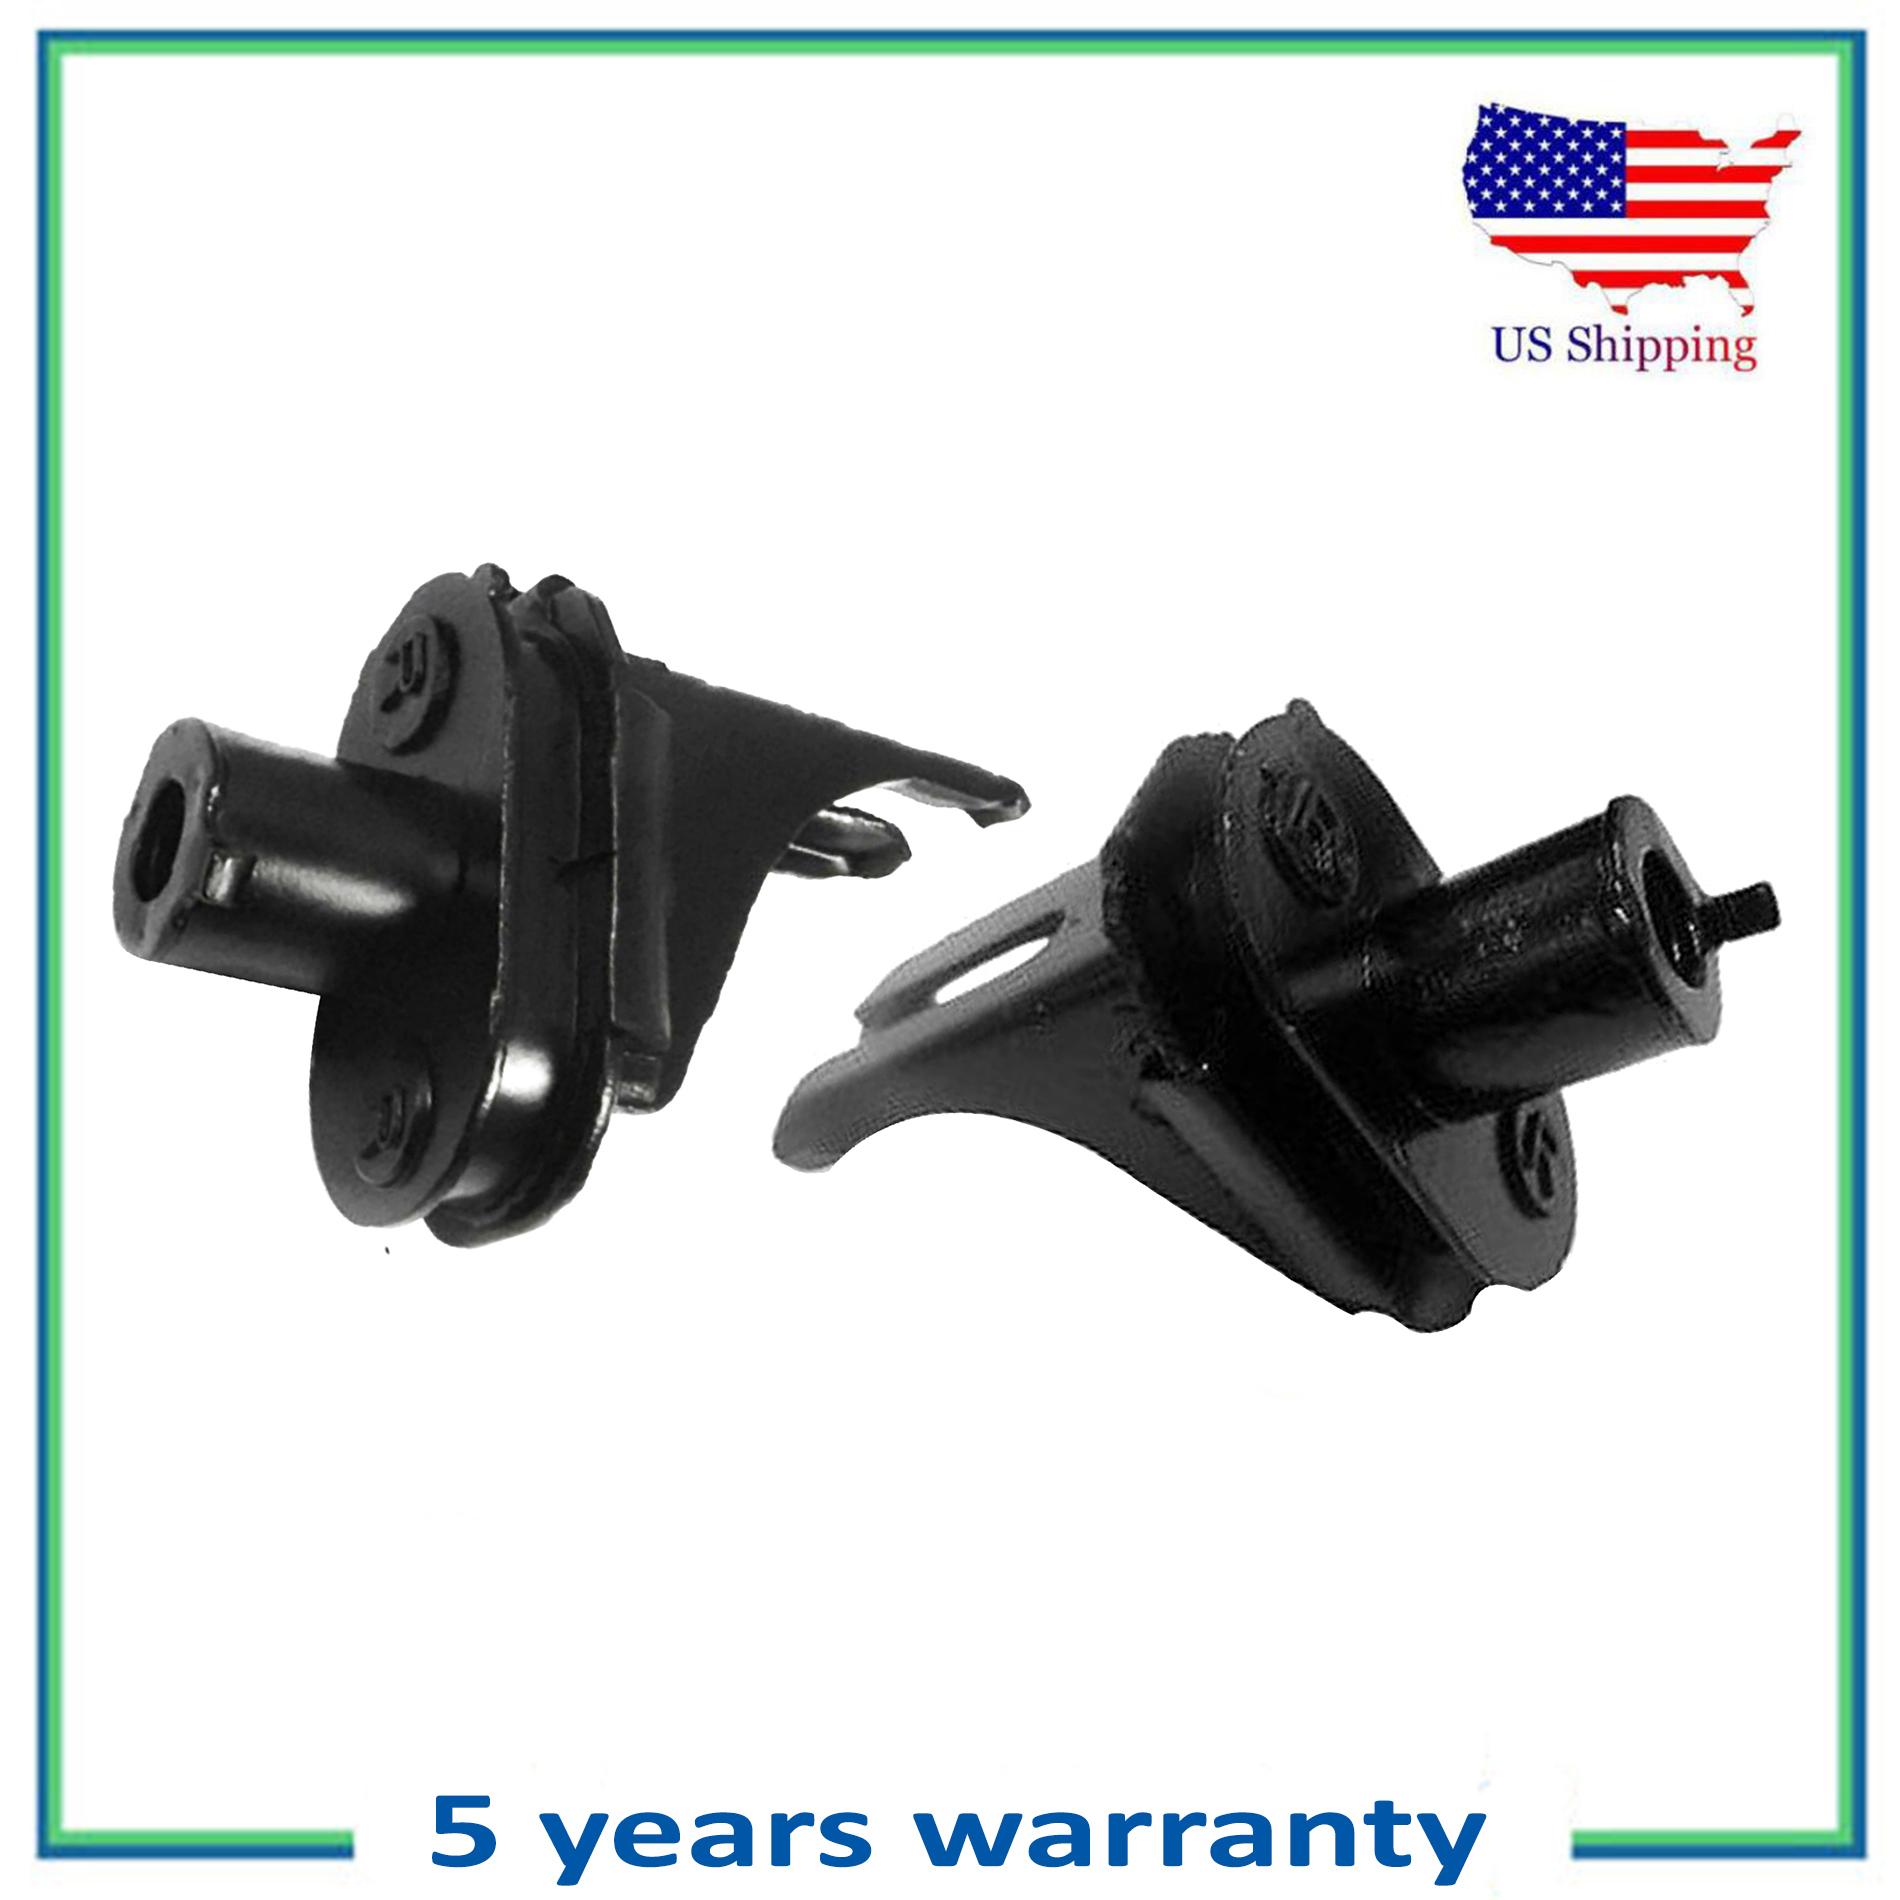 DEA A4591 Front Center Motor Mount Automotive Replacement Parts ...